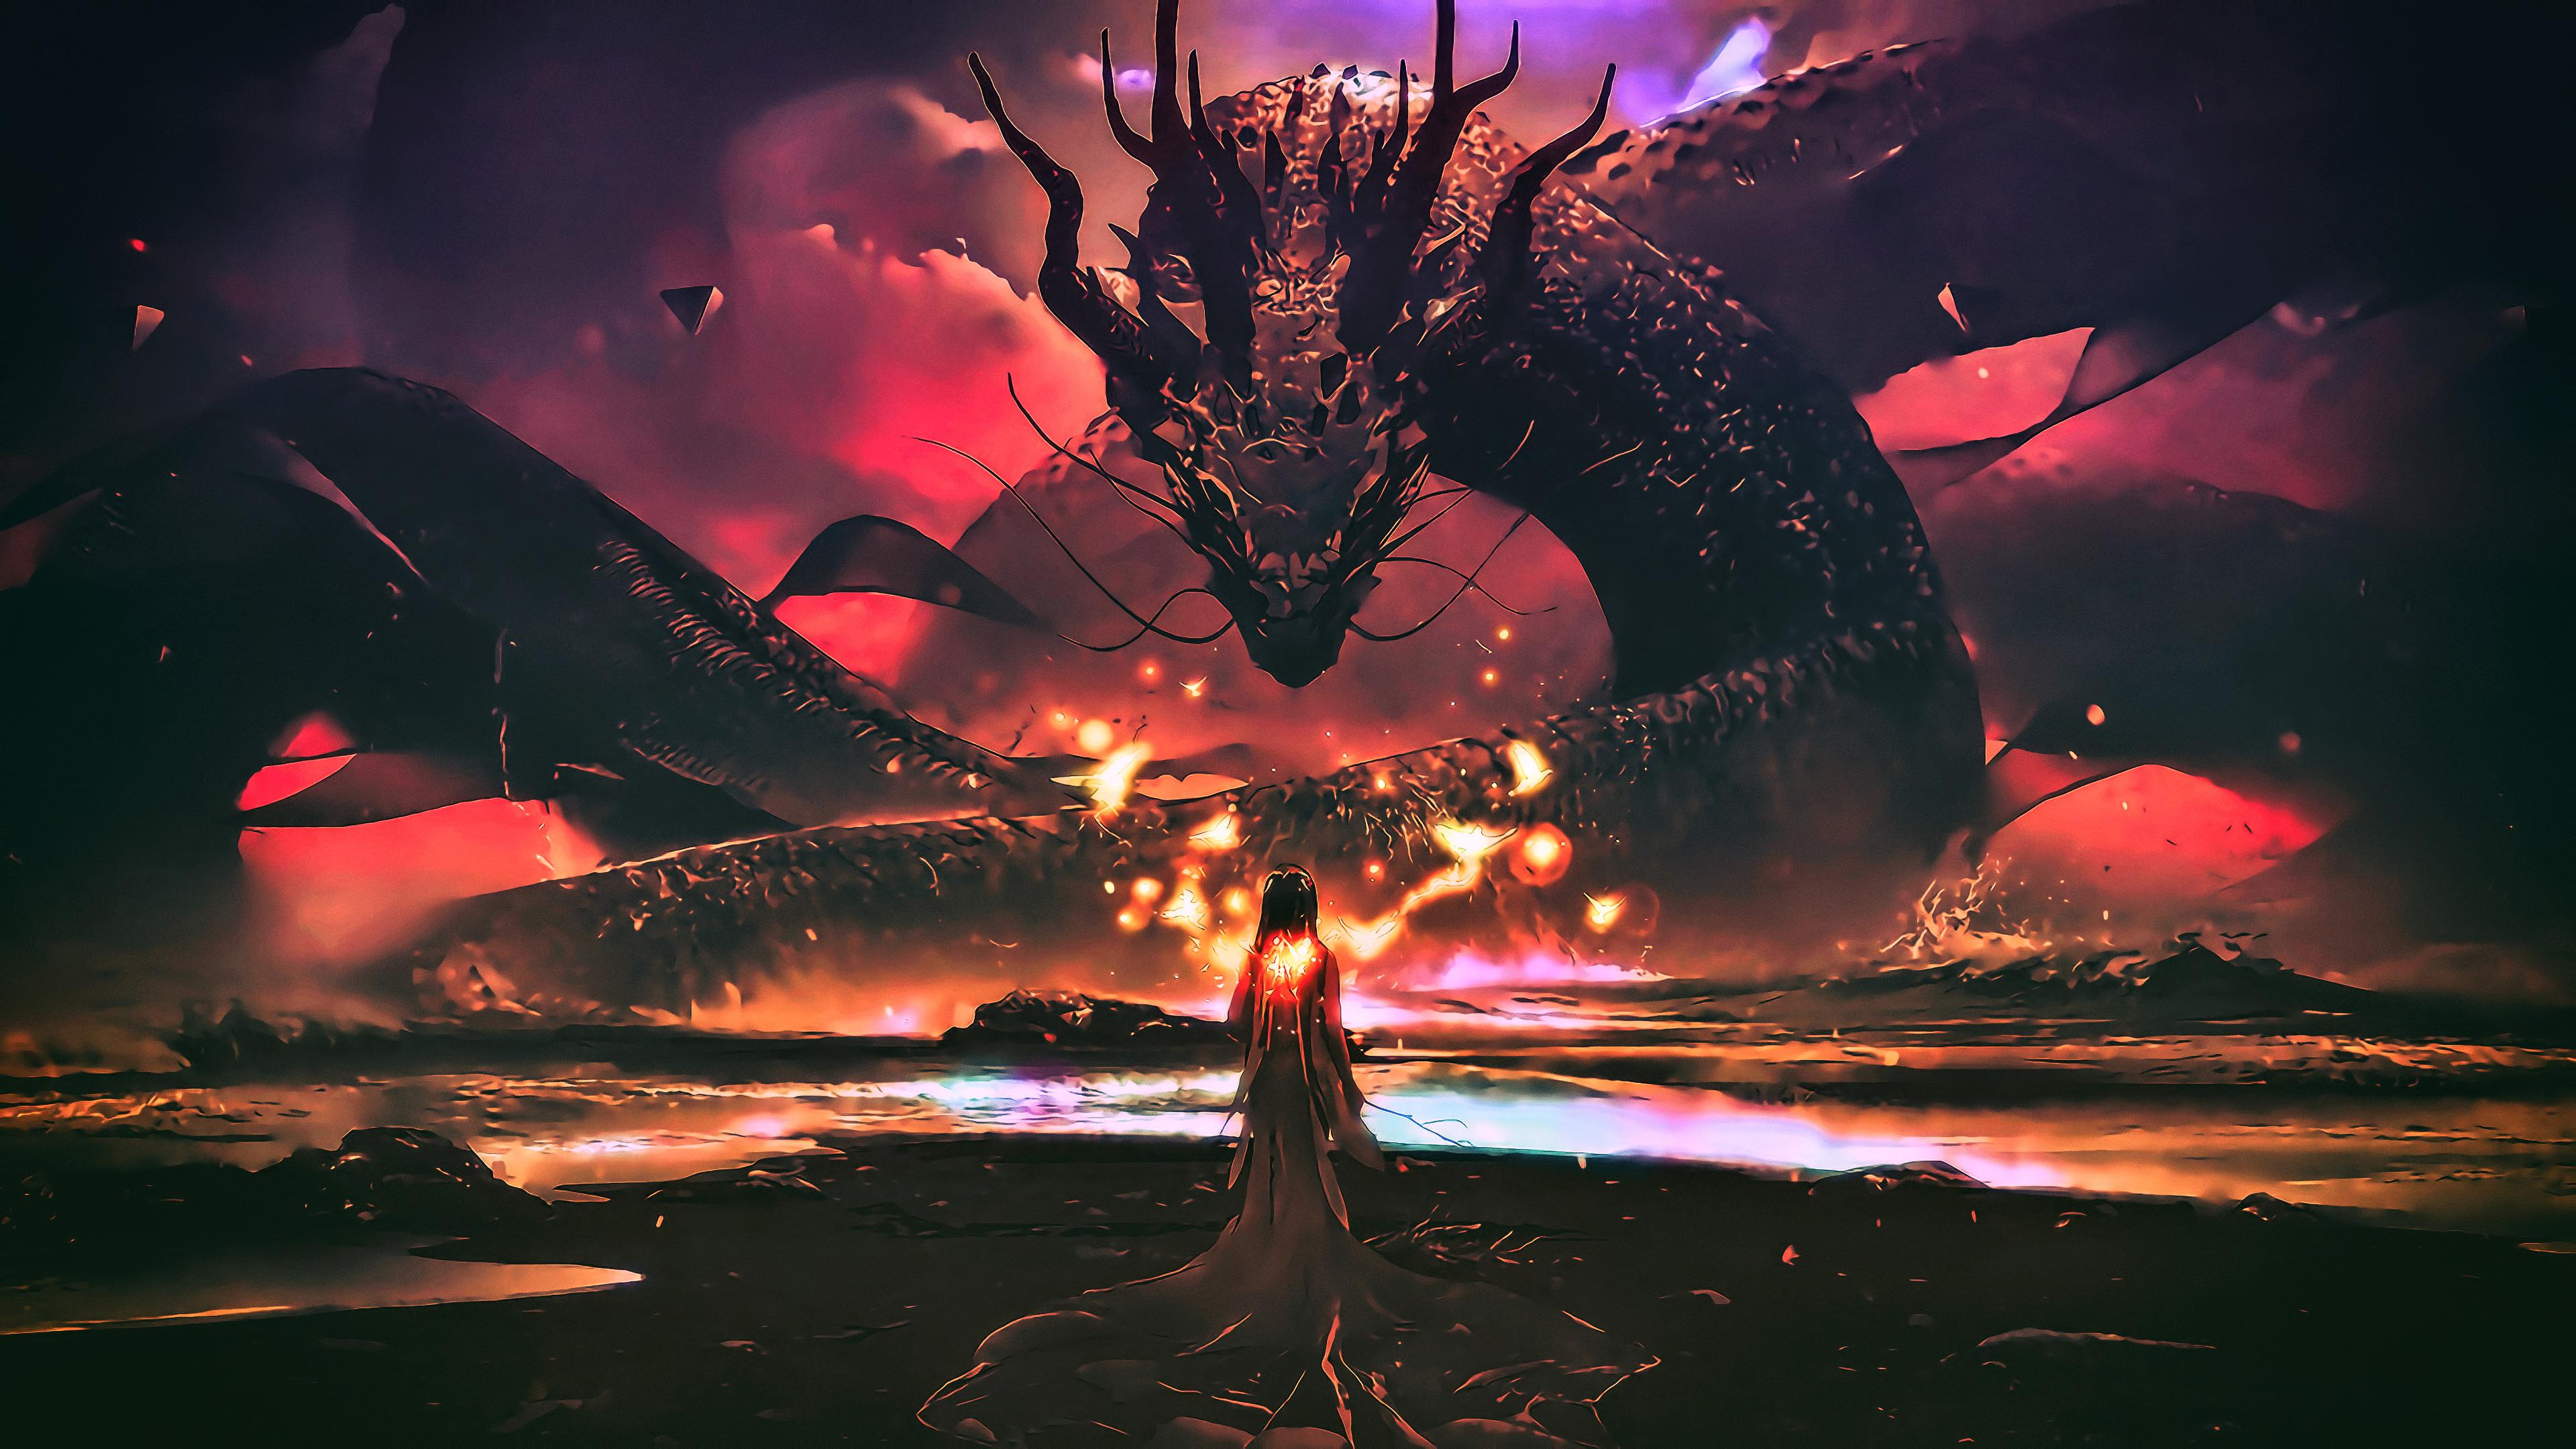 Dragon goddess artwork fantasy hd artist 4k wallpapers - Fantasy wallpaper digital art ...